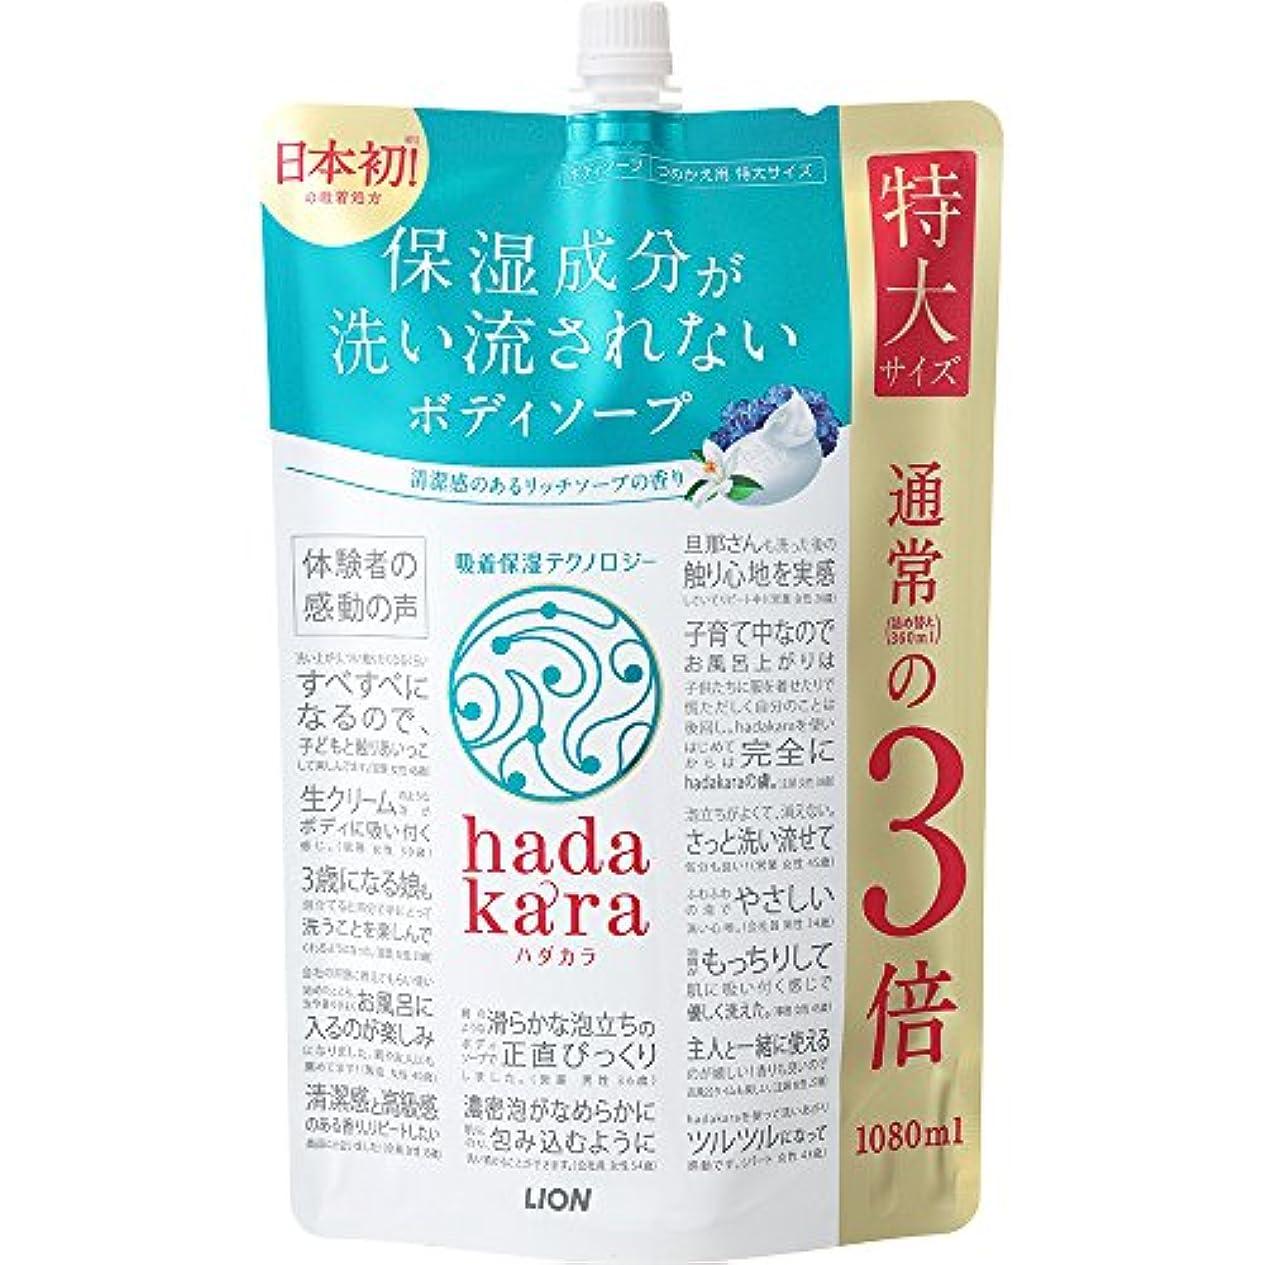 助けになる郵便物電極【大容量】hadakara(ハダカラ) ボディソープ リッチソープの香り 詰め替え 特大 1080ml